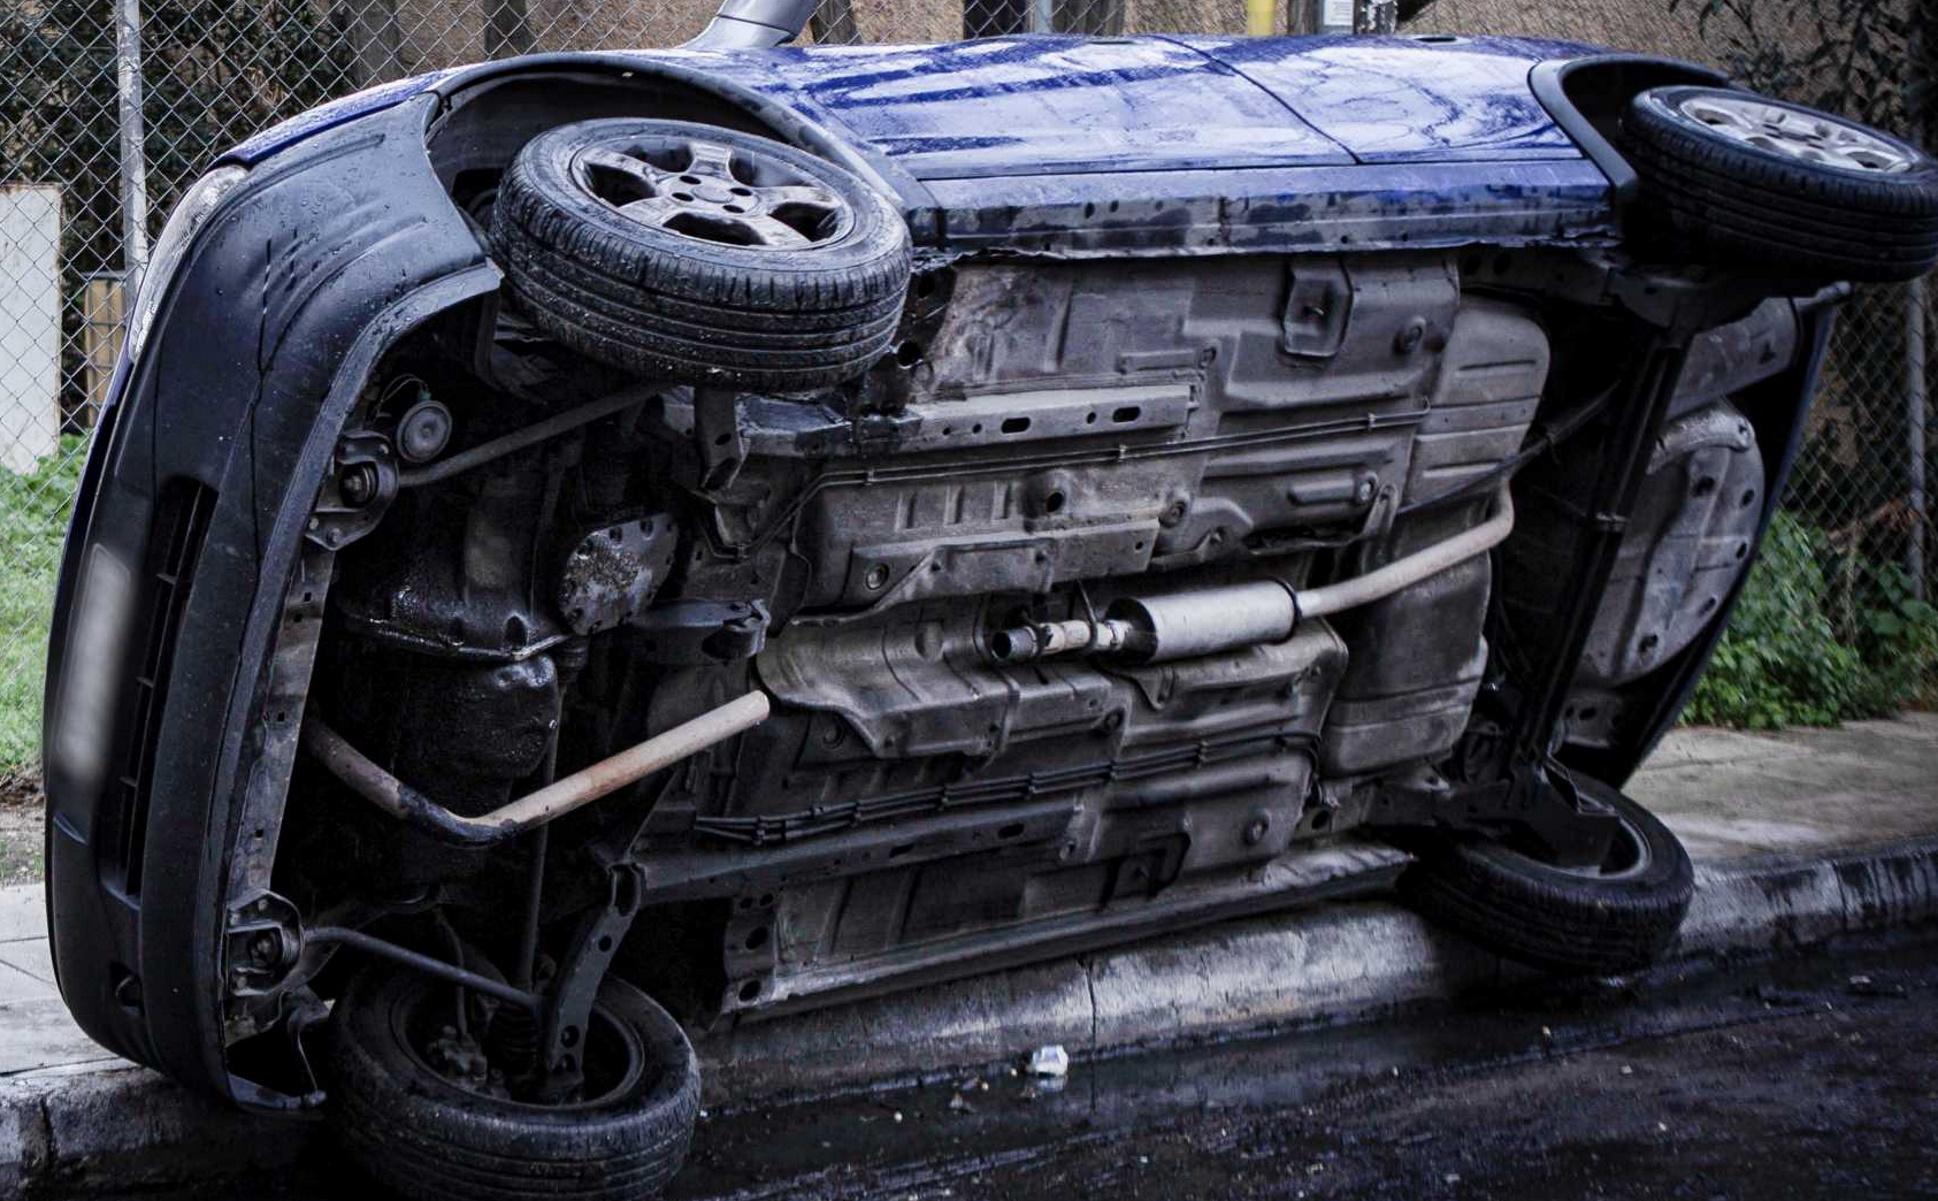 Θεσσαλονίκη: Ιδιοκτήτης επιχείρησης πουλούσε κλεμμένα ανταλλακτικά αυτοκινήτων